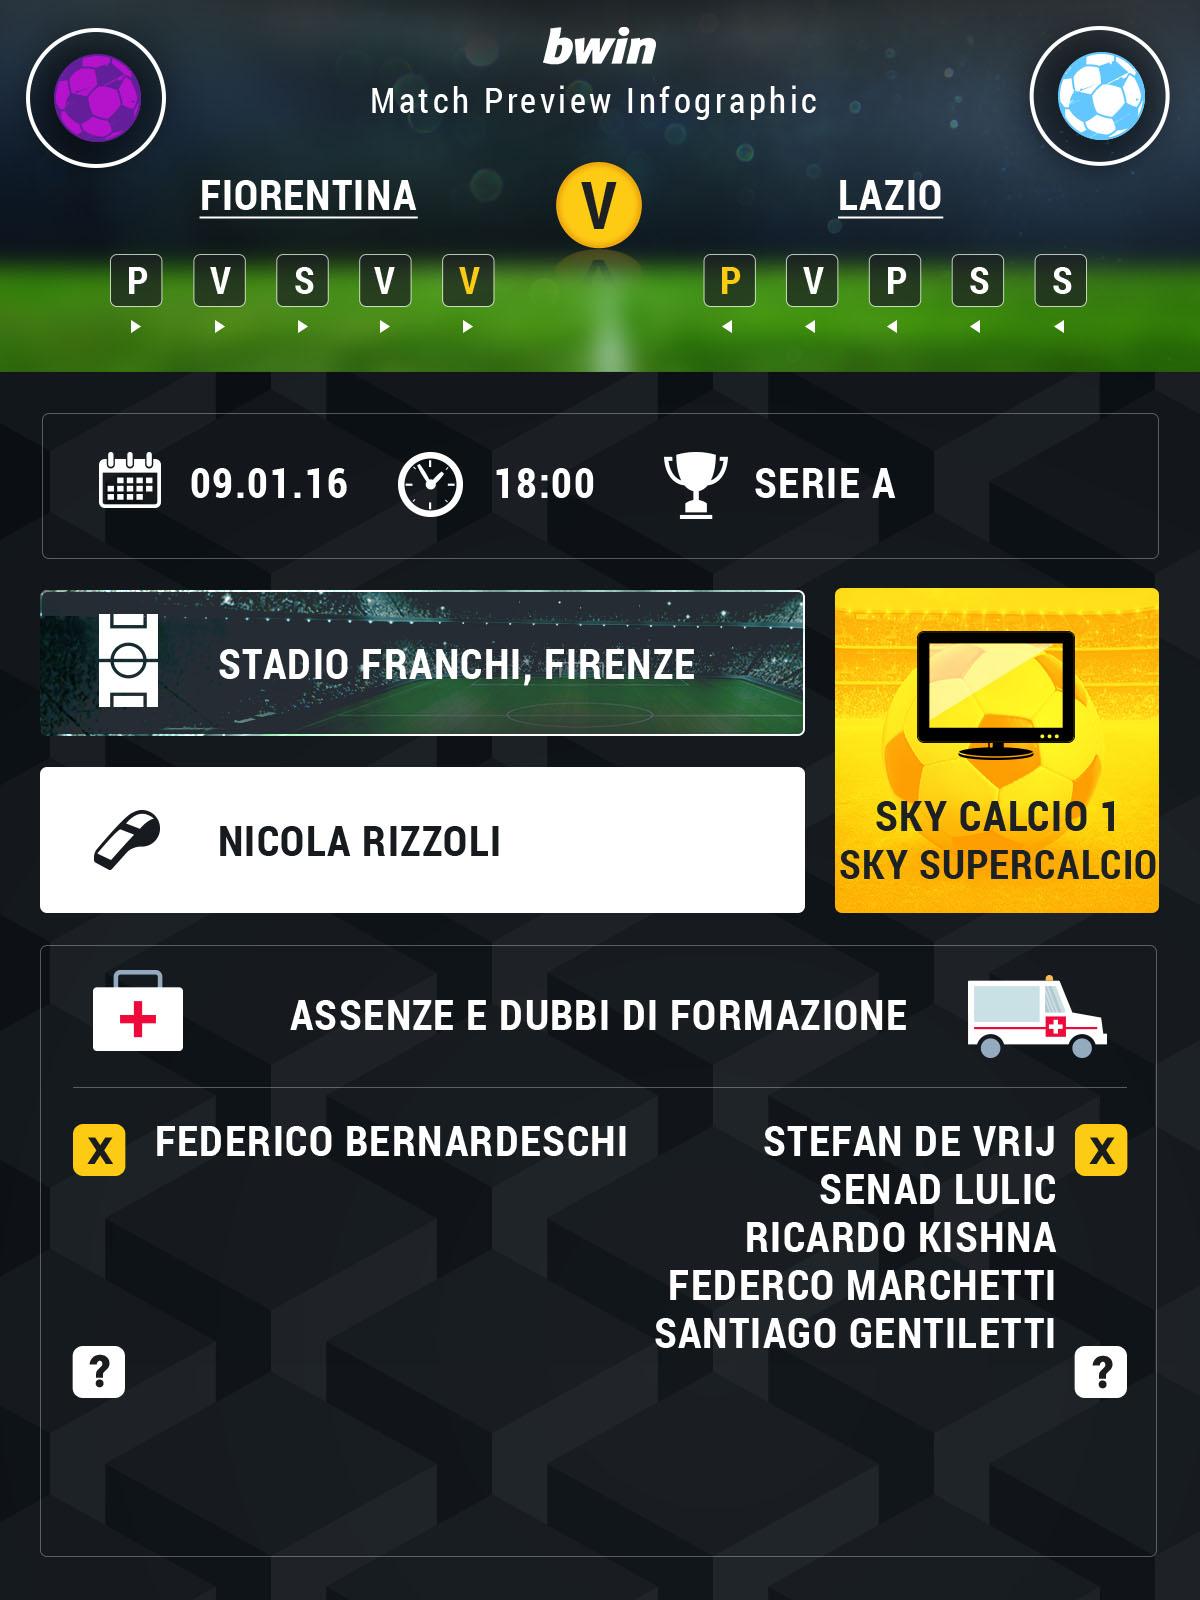 Fiorentina-Lazio preview